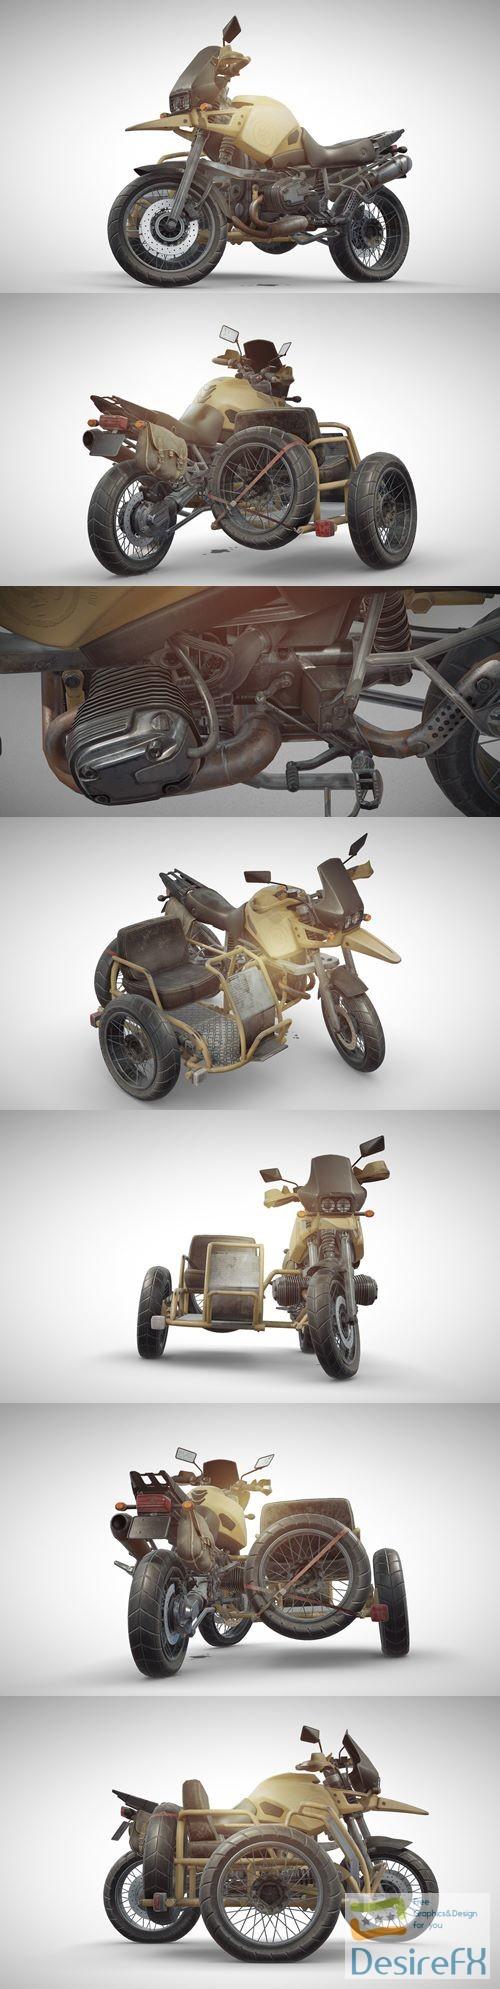 3d-models - PUBG Motorcycle 3D Model